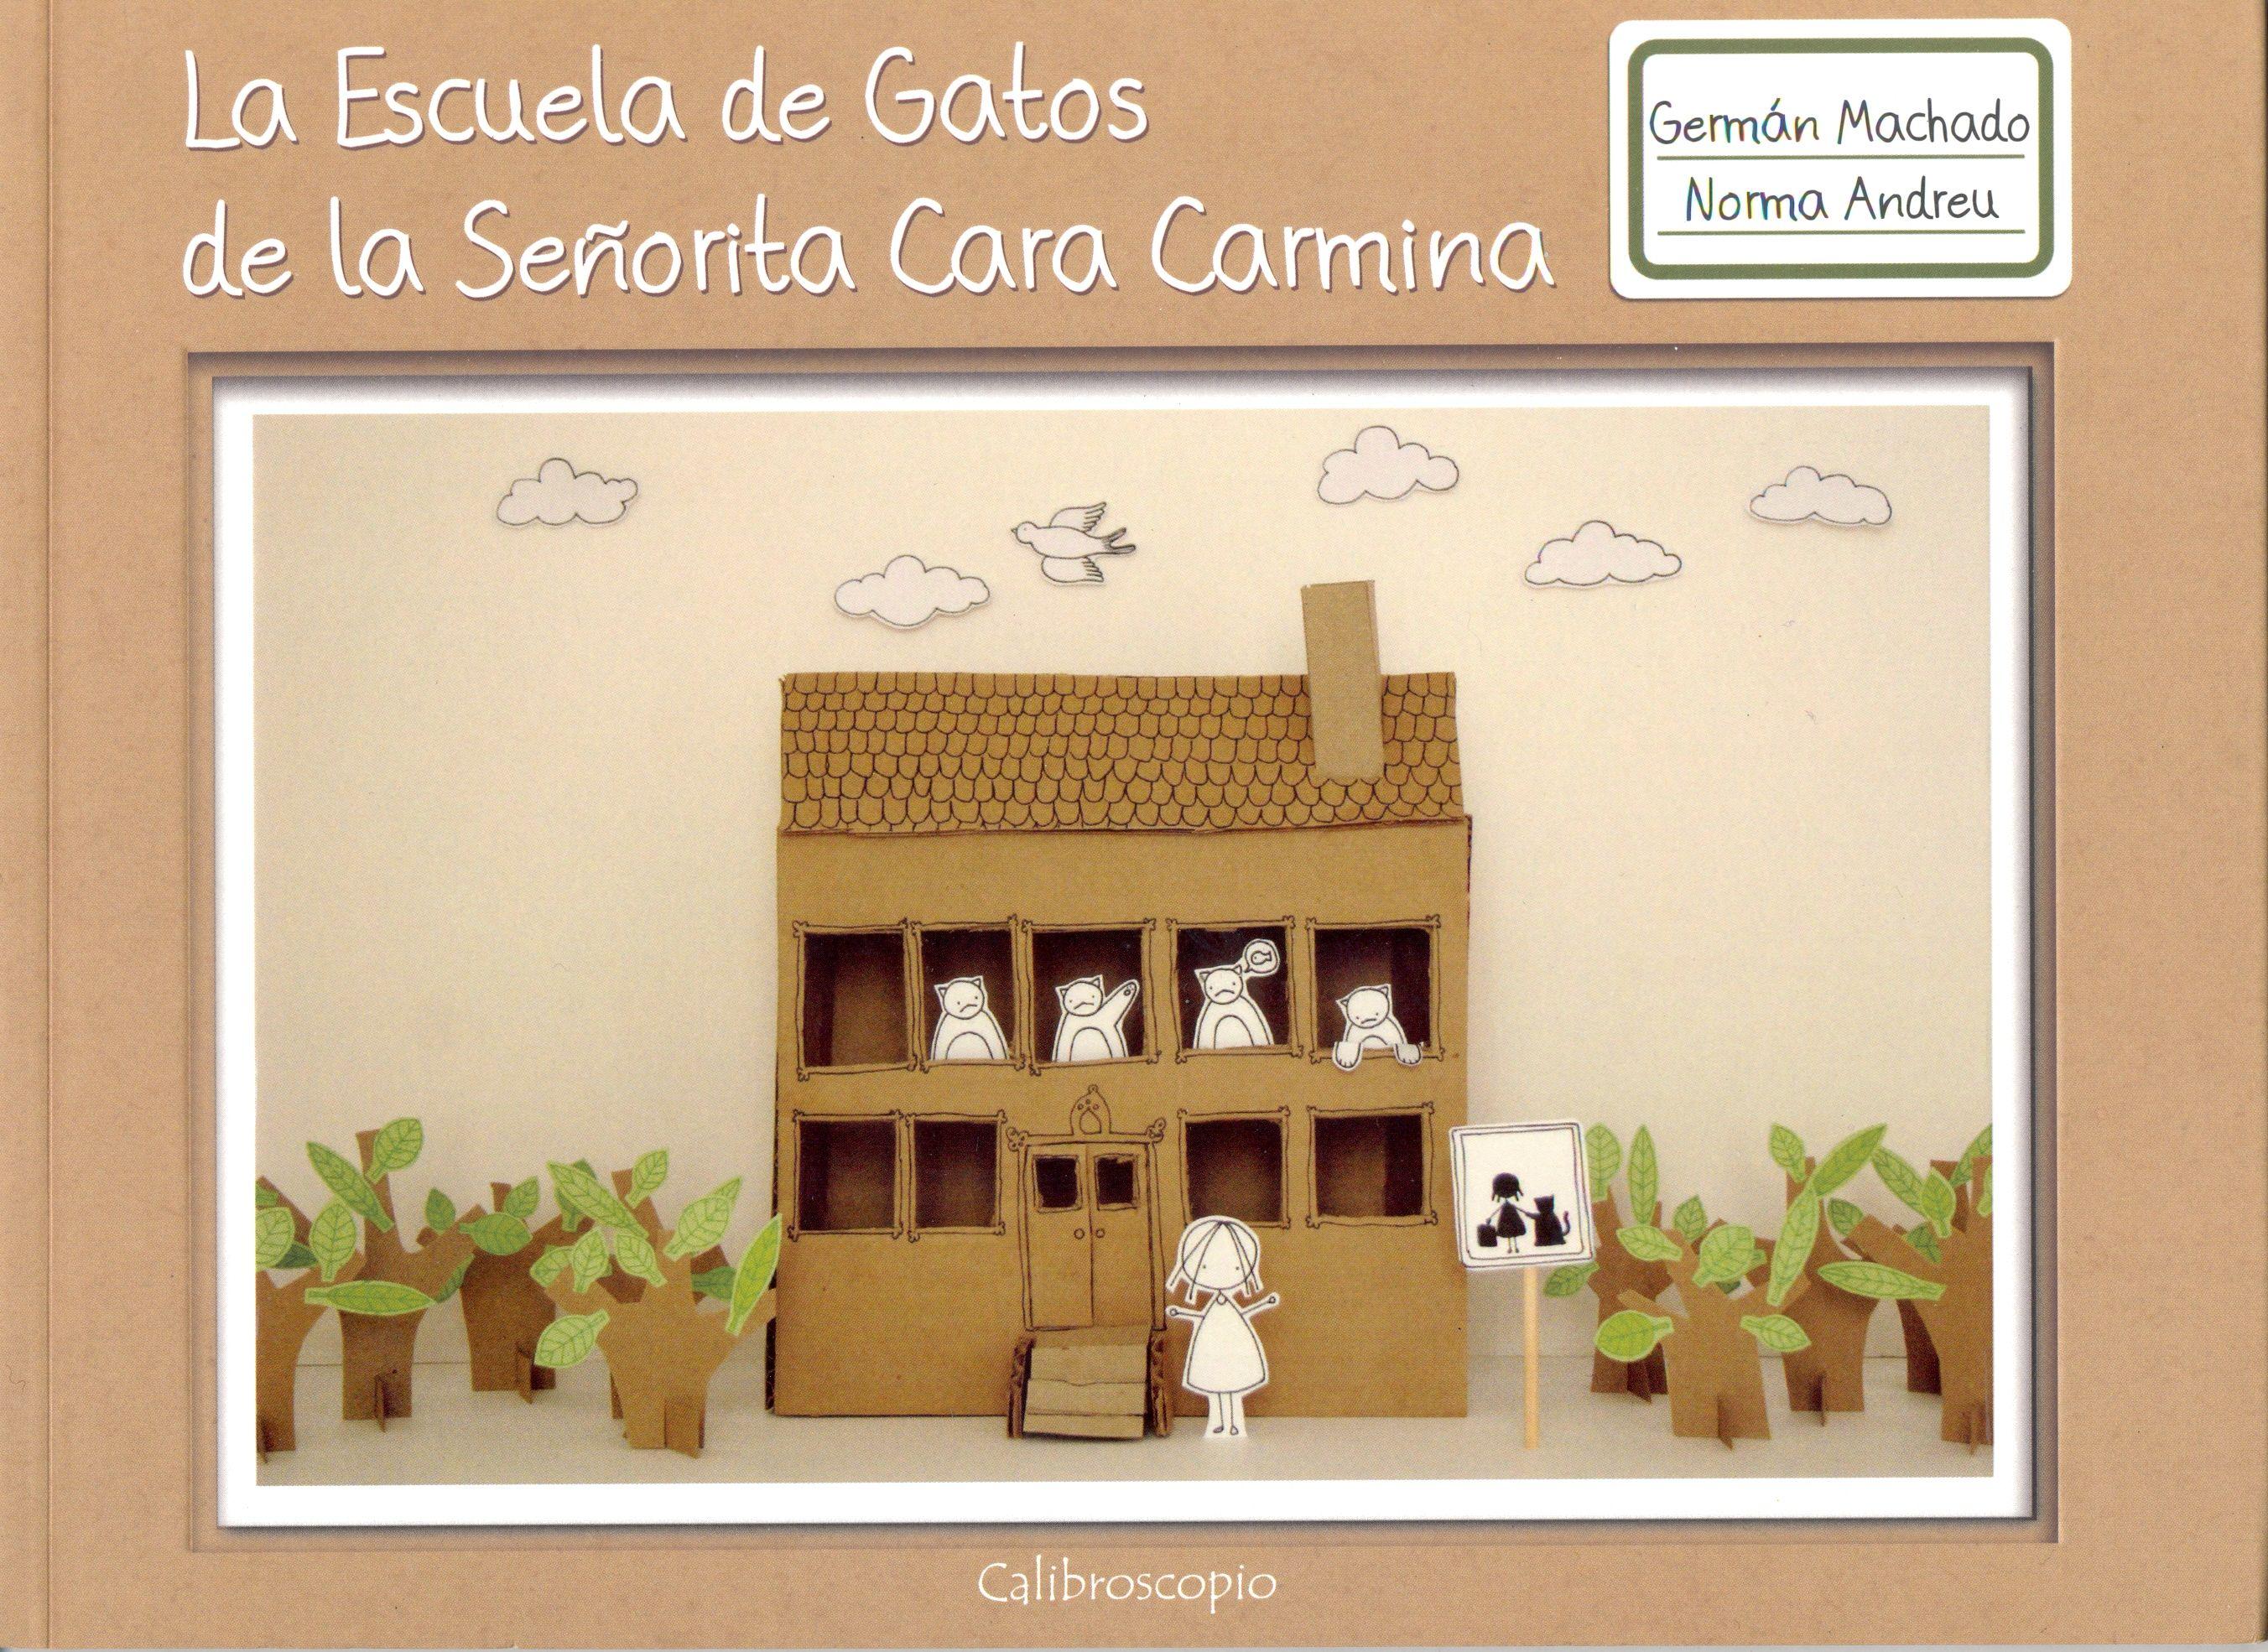 Autor: Machado, Germán / Ilustradora: Norma Andreu / Género: Narrativo. / Libro ilustrado.